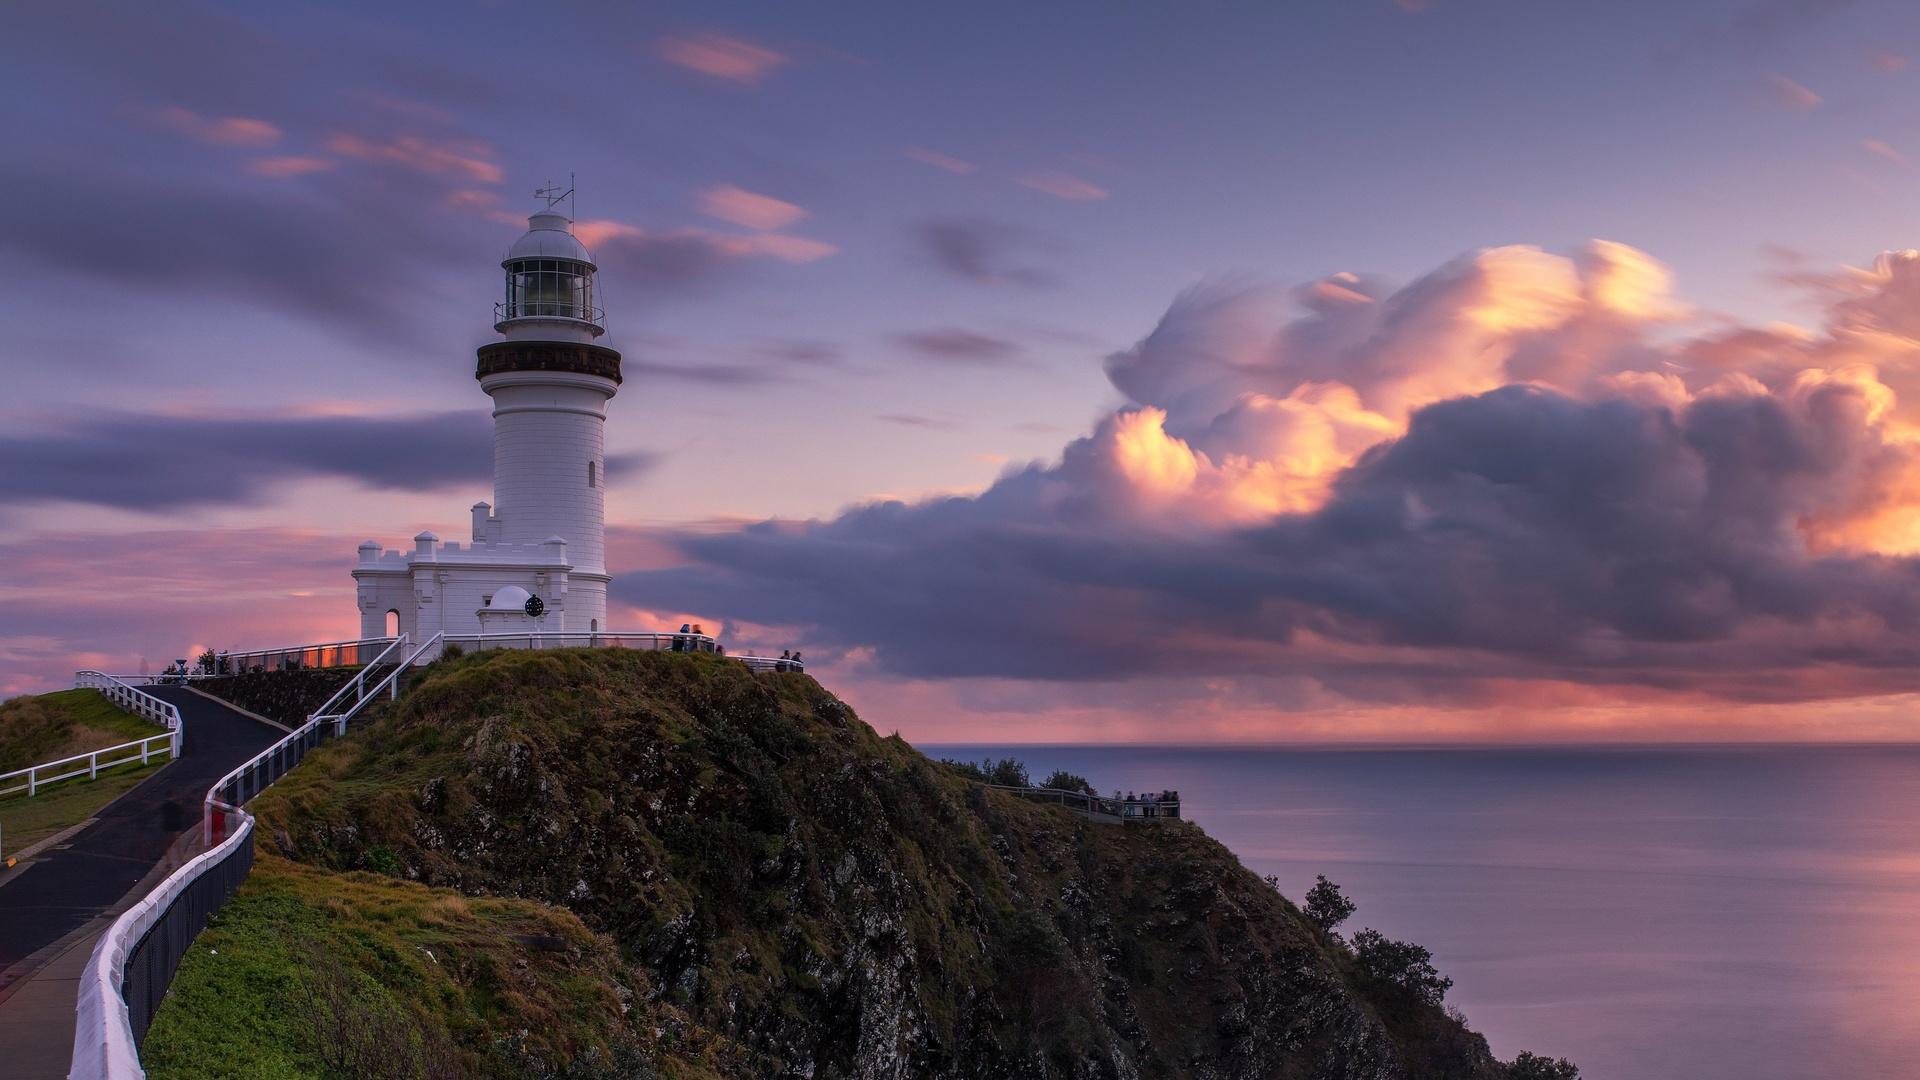 природа, пейзаж, море, берег, скала, дорога, маяк, небо, облака, закат